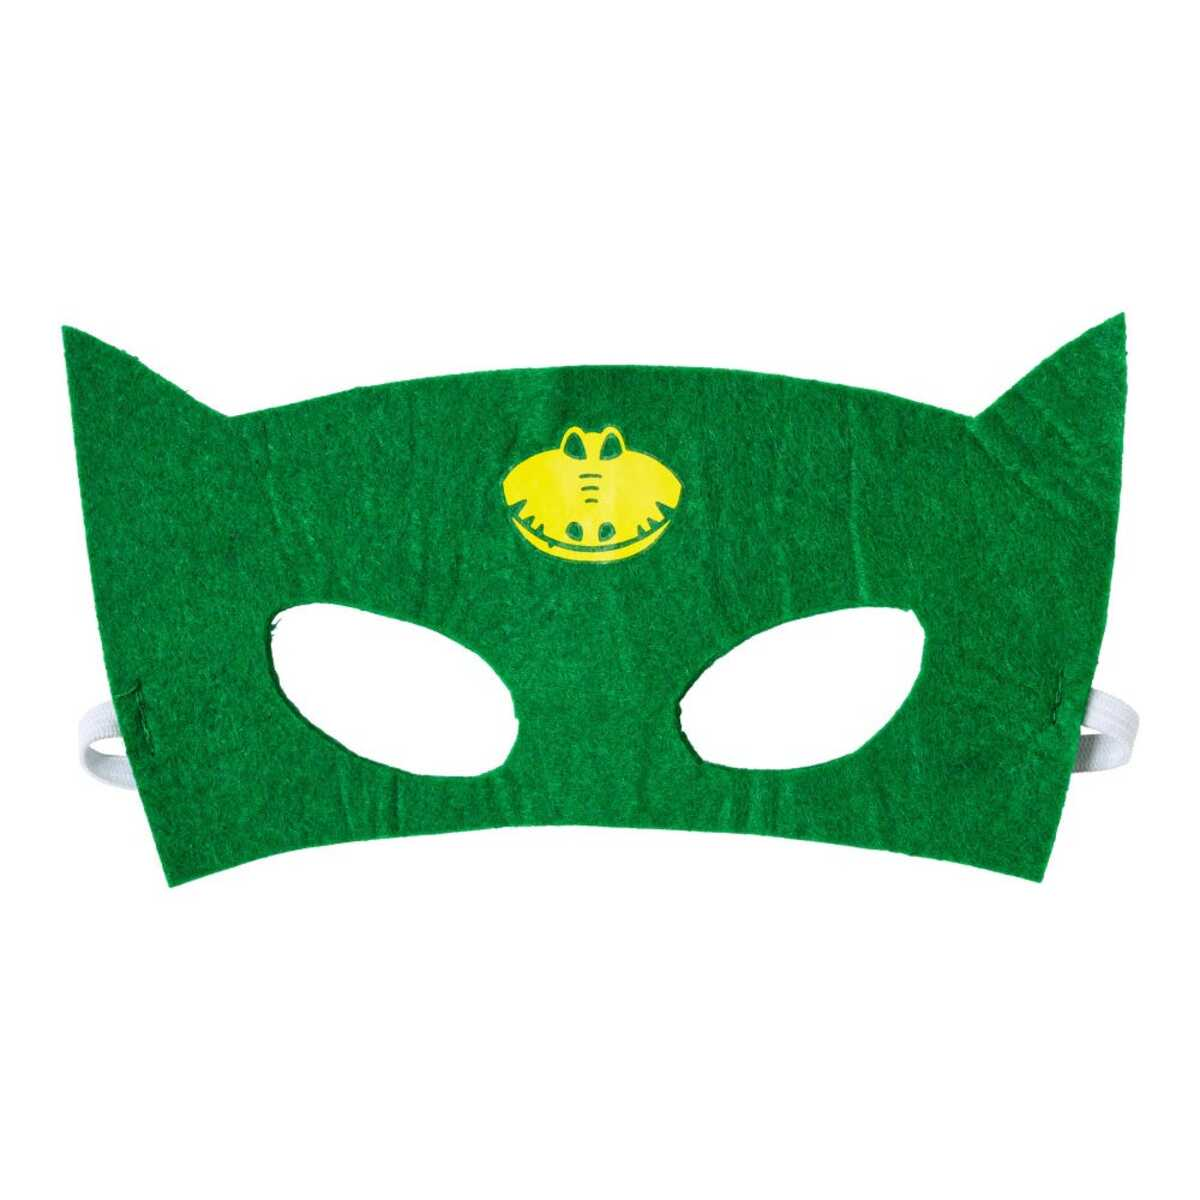 Bild 4 von Kinder-Superhelden-Kostüm mit Maske